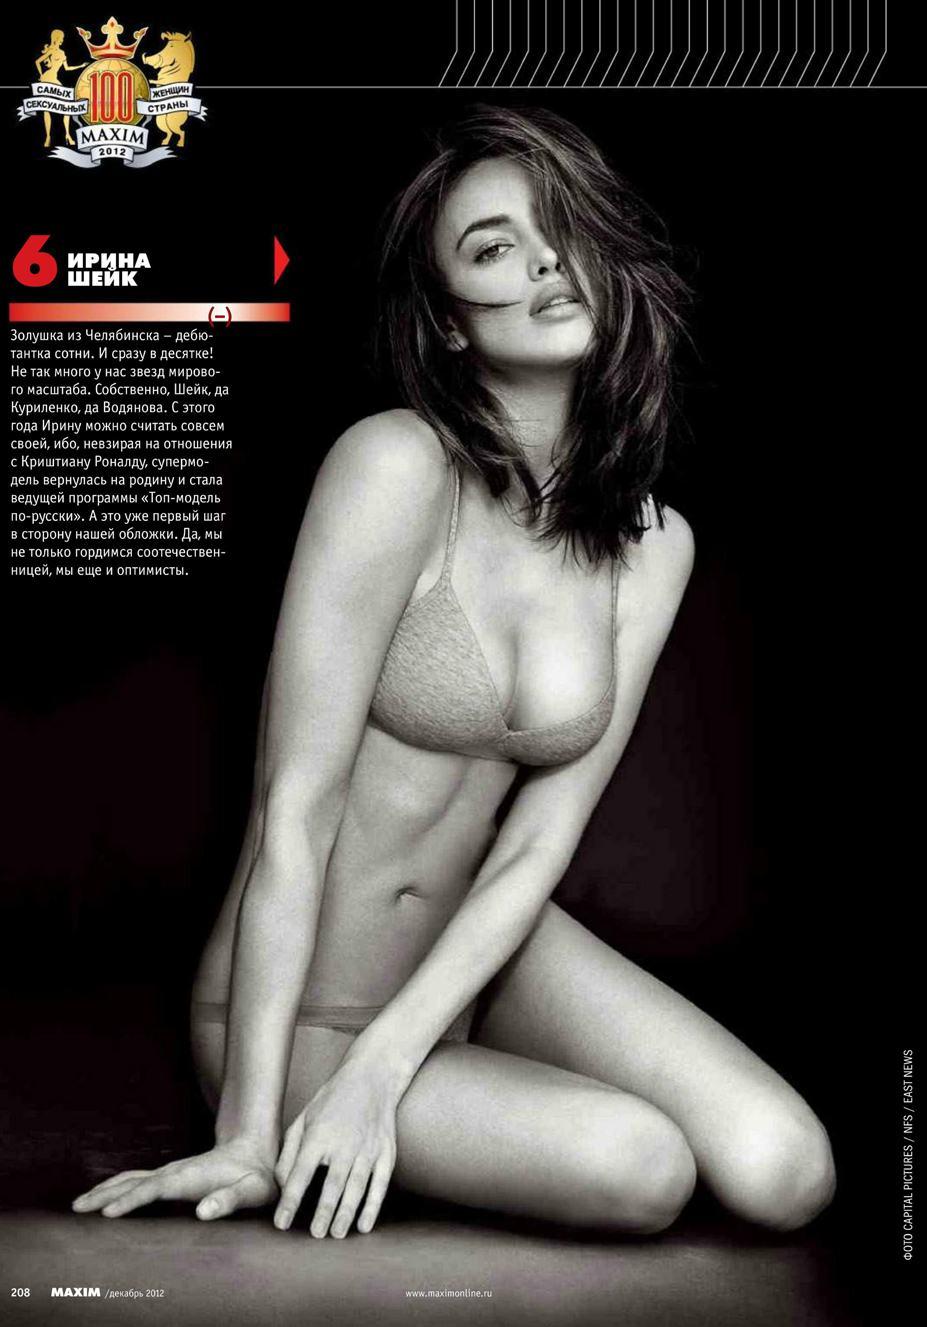 Ирина Шейк - 100 самых сексуальных женщин страны - Россия Maxim hot 100